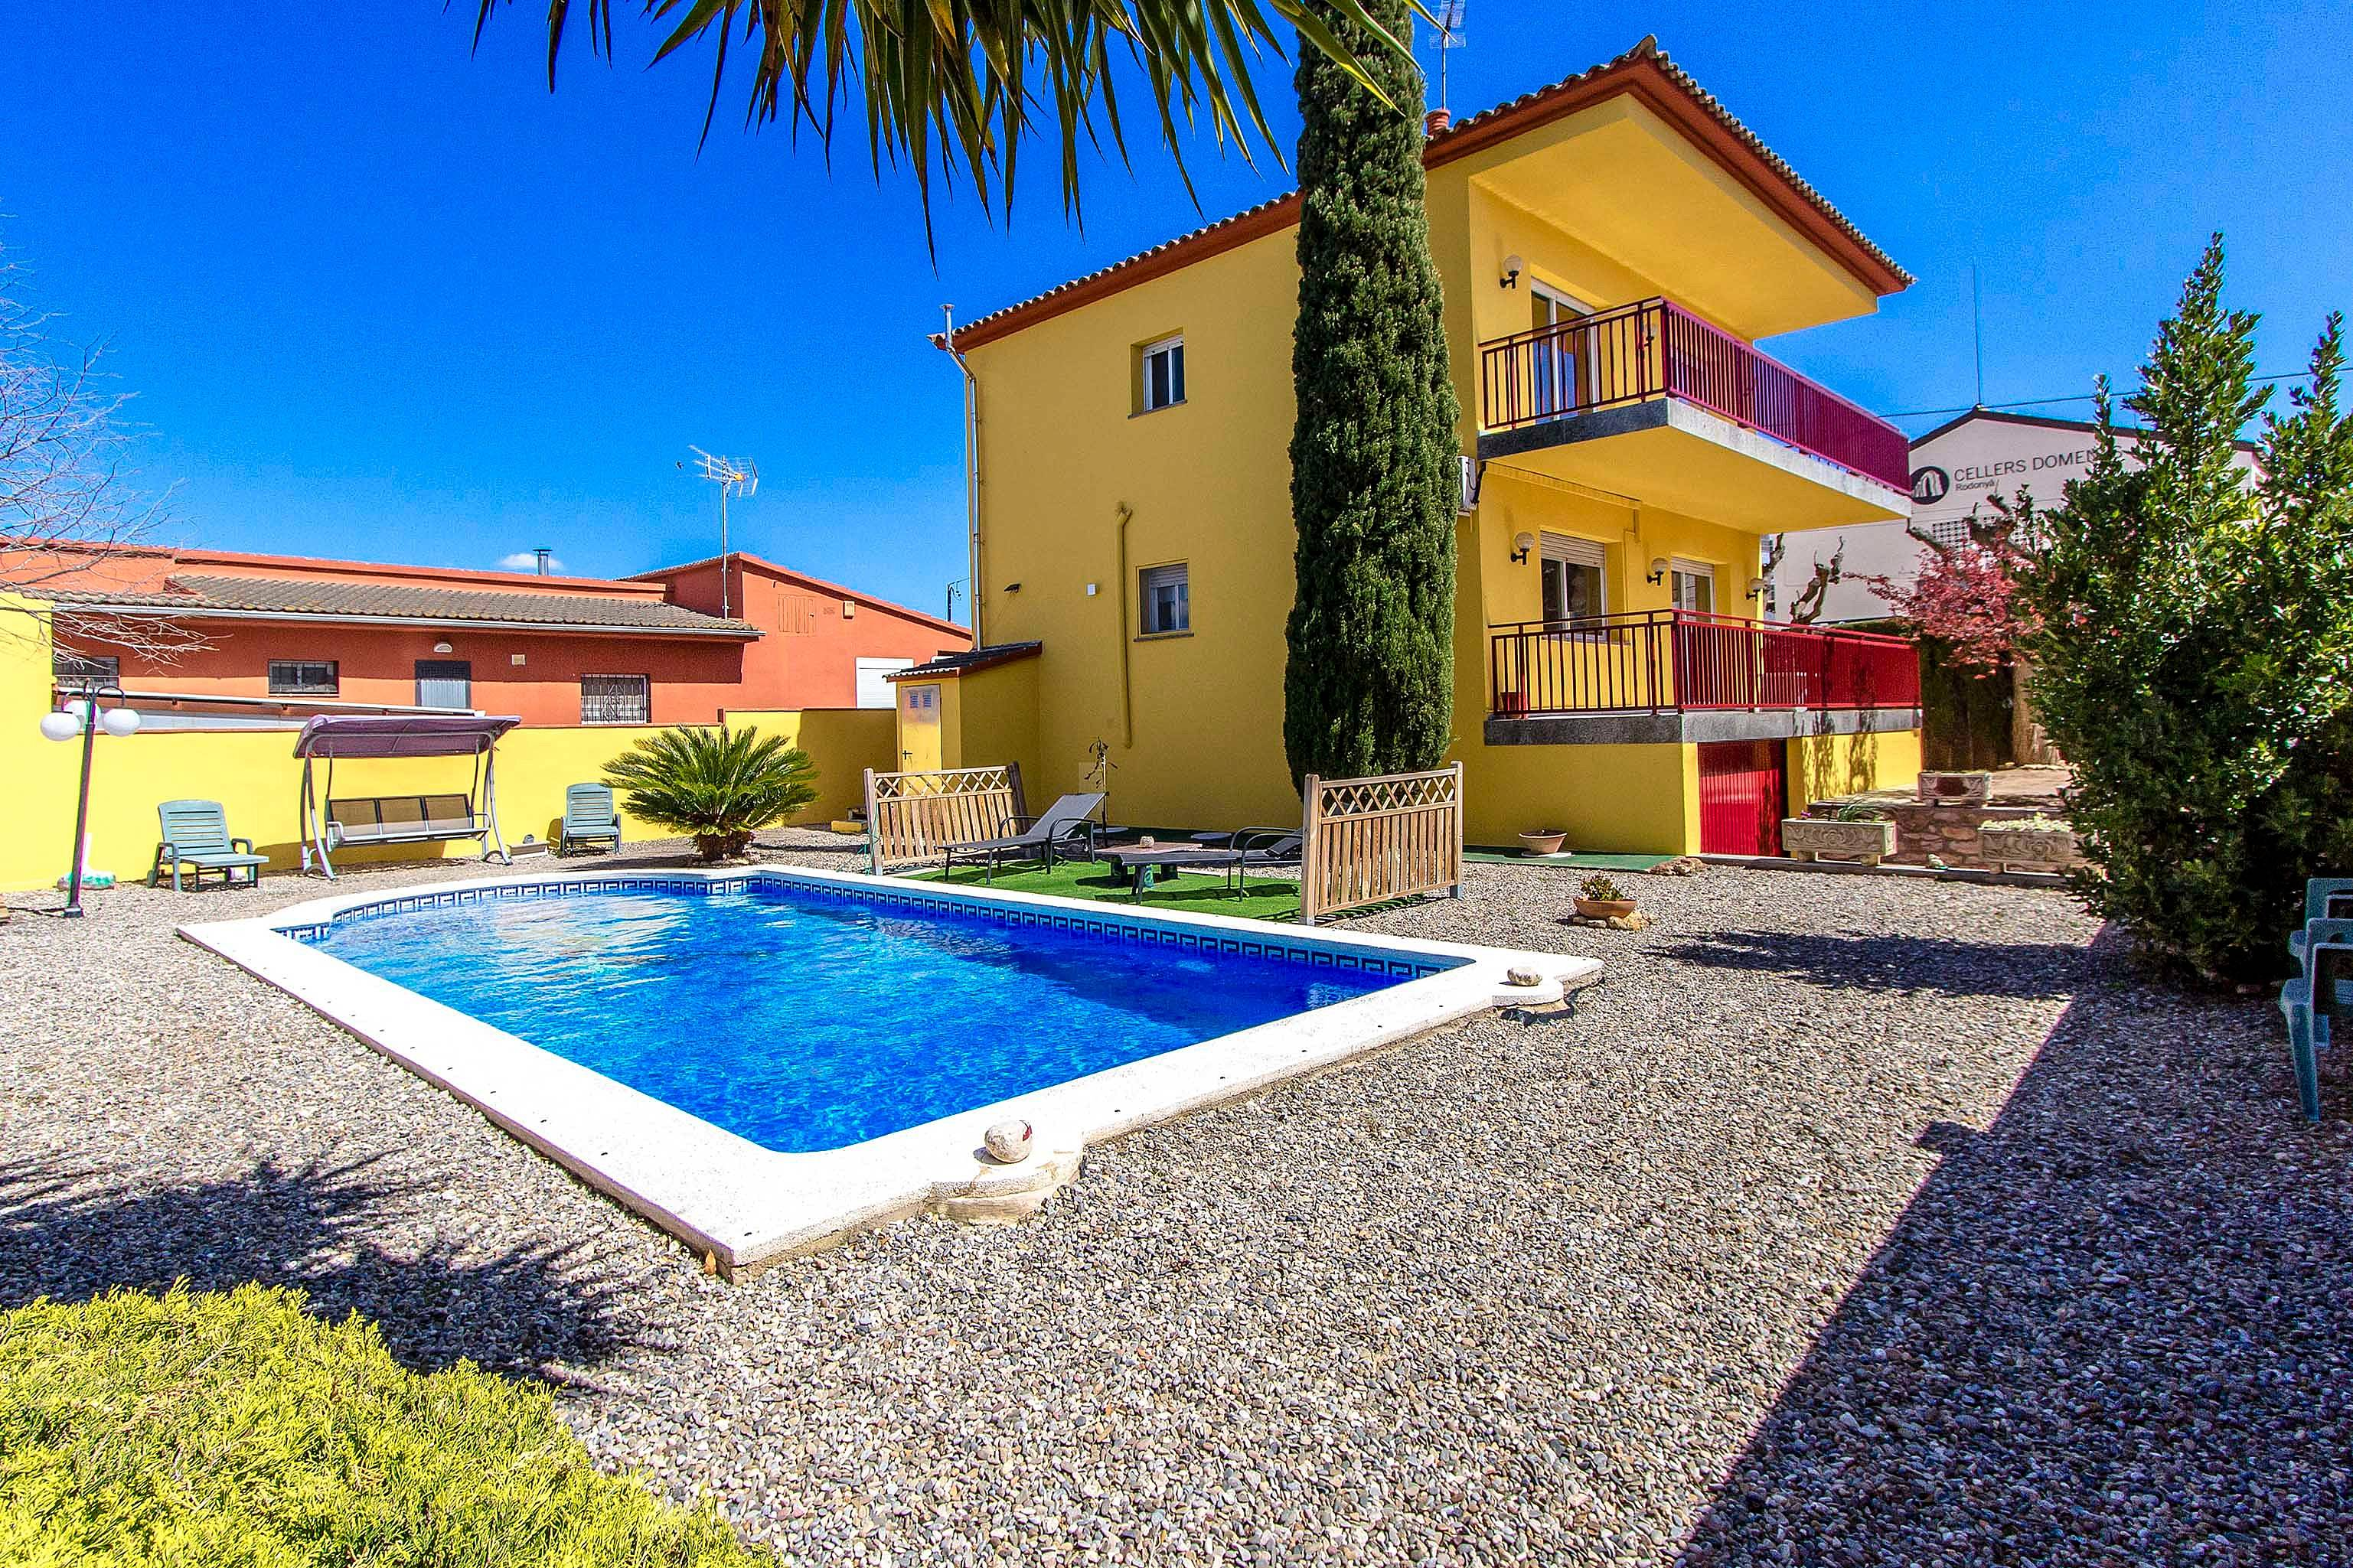 Alquiler vacaciones apartamentos y casas rurales en rodony tarragona - Alquiler casa vacaciones tarragona ...